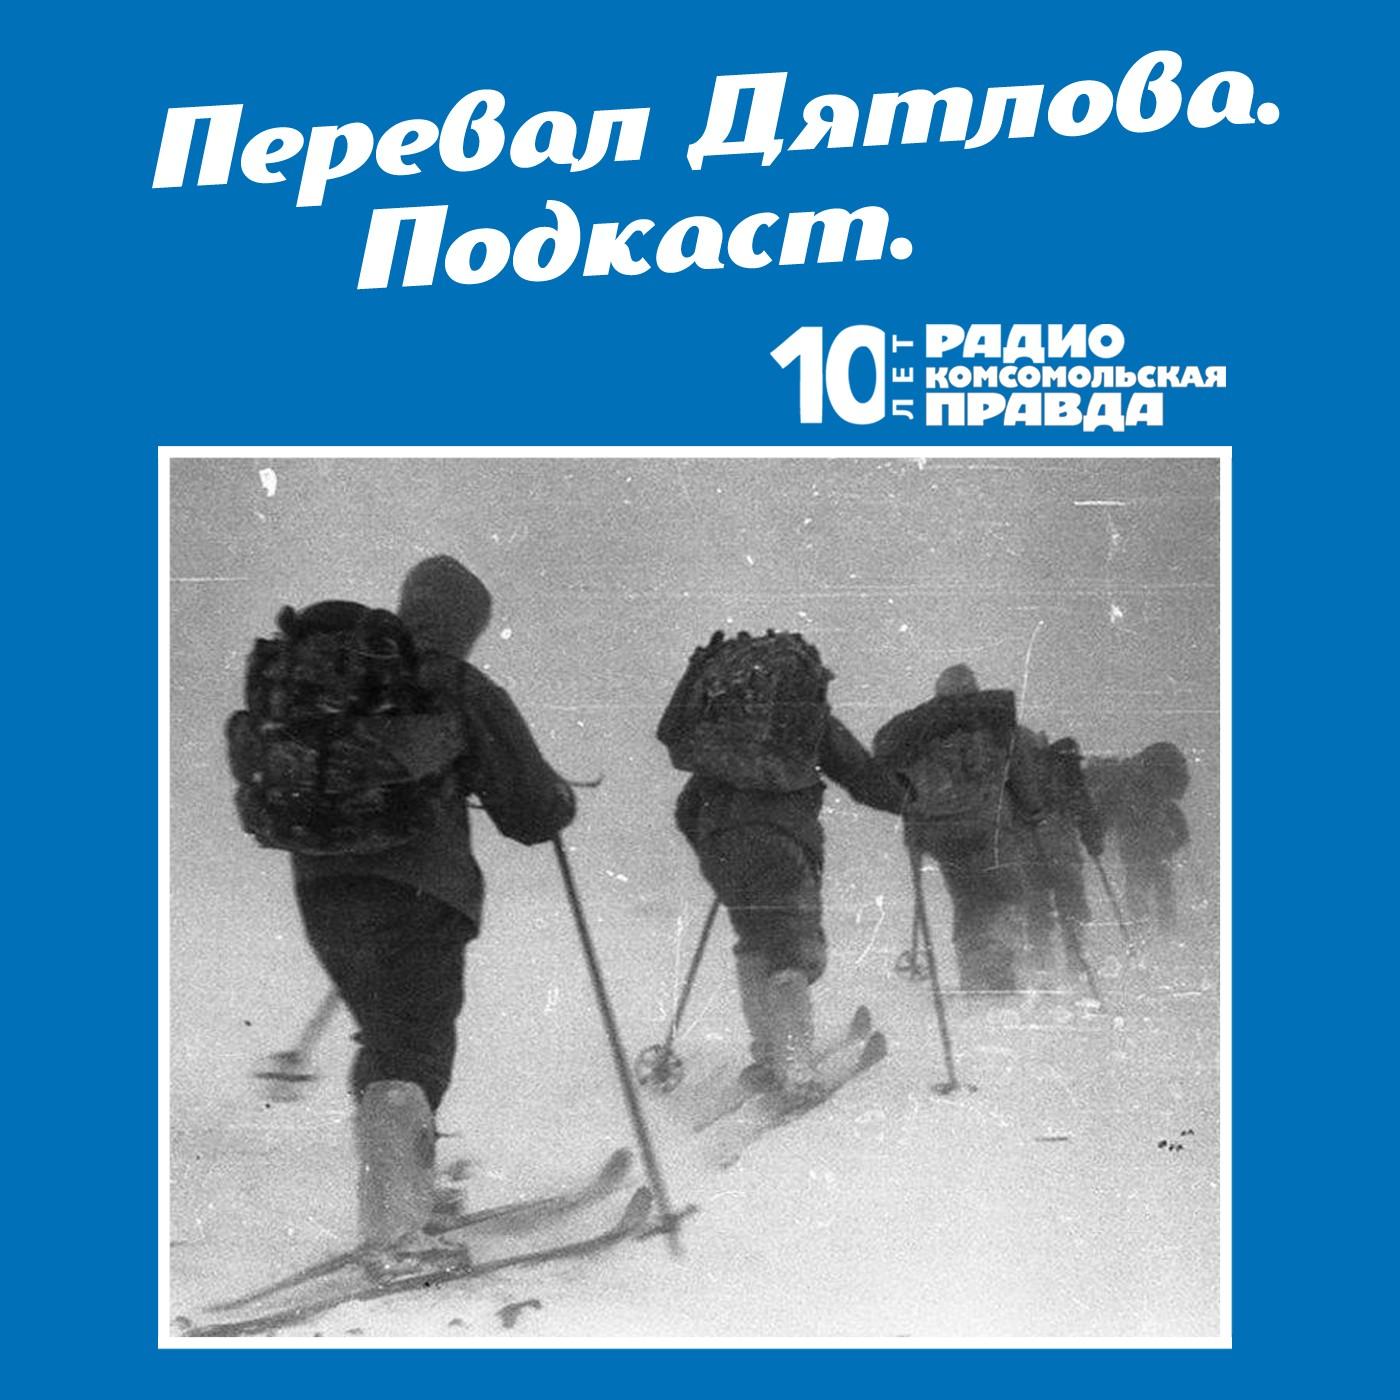 Гляциолог Виктор Поповнин: Побывав на месте трагедии, я убедился: склон лавиноопасен!